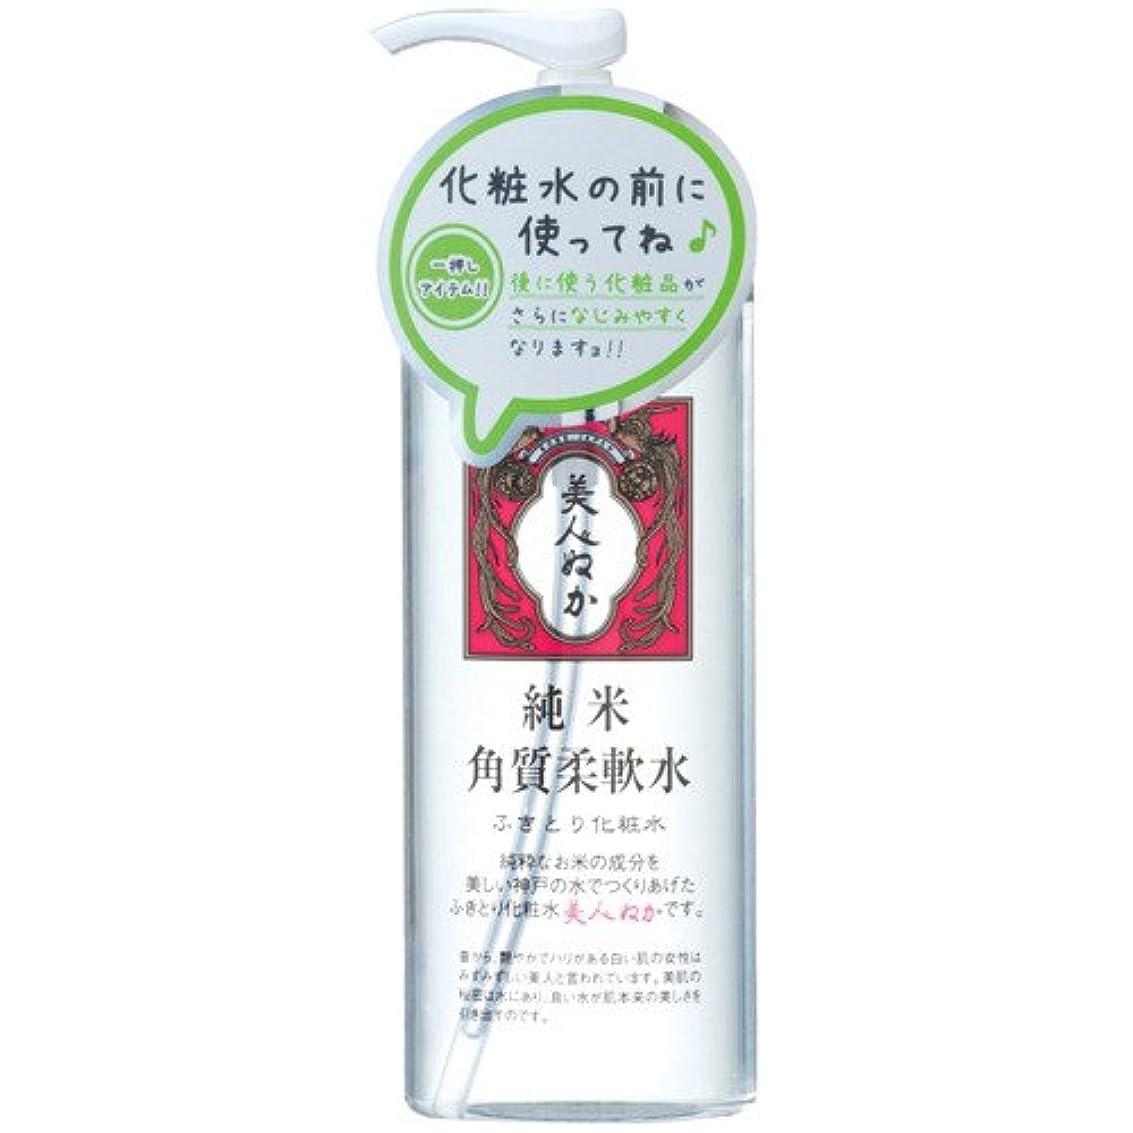 たくさんの頑張るアルバムリアル 美人ぬか 純米 角質柔軟水 ふきとり化粧水 198ml 本体 ×5点セット ( 4903432713141 )